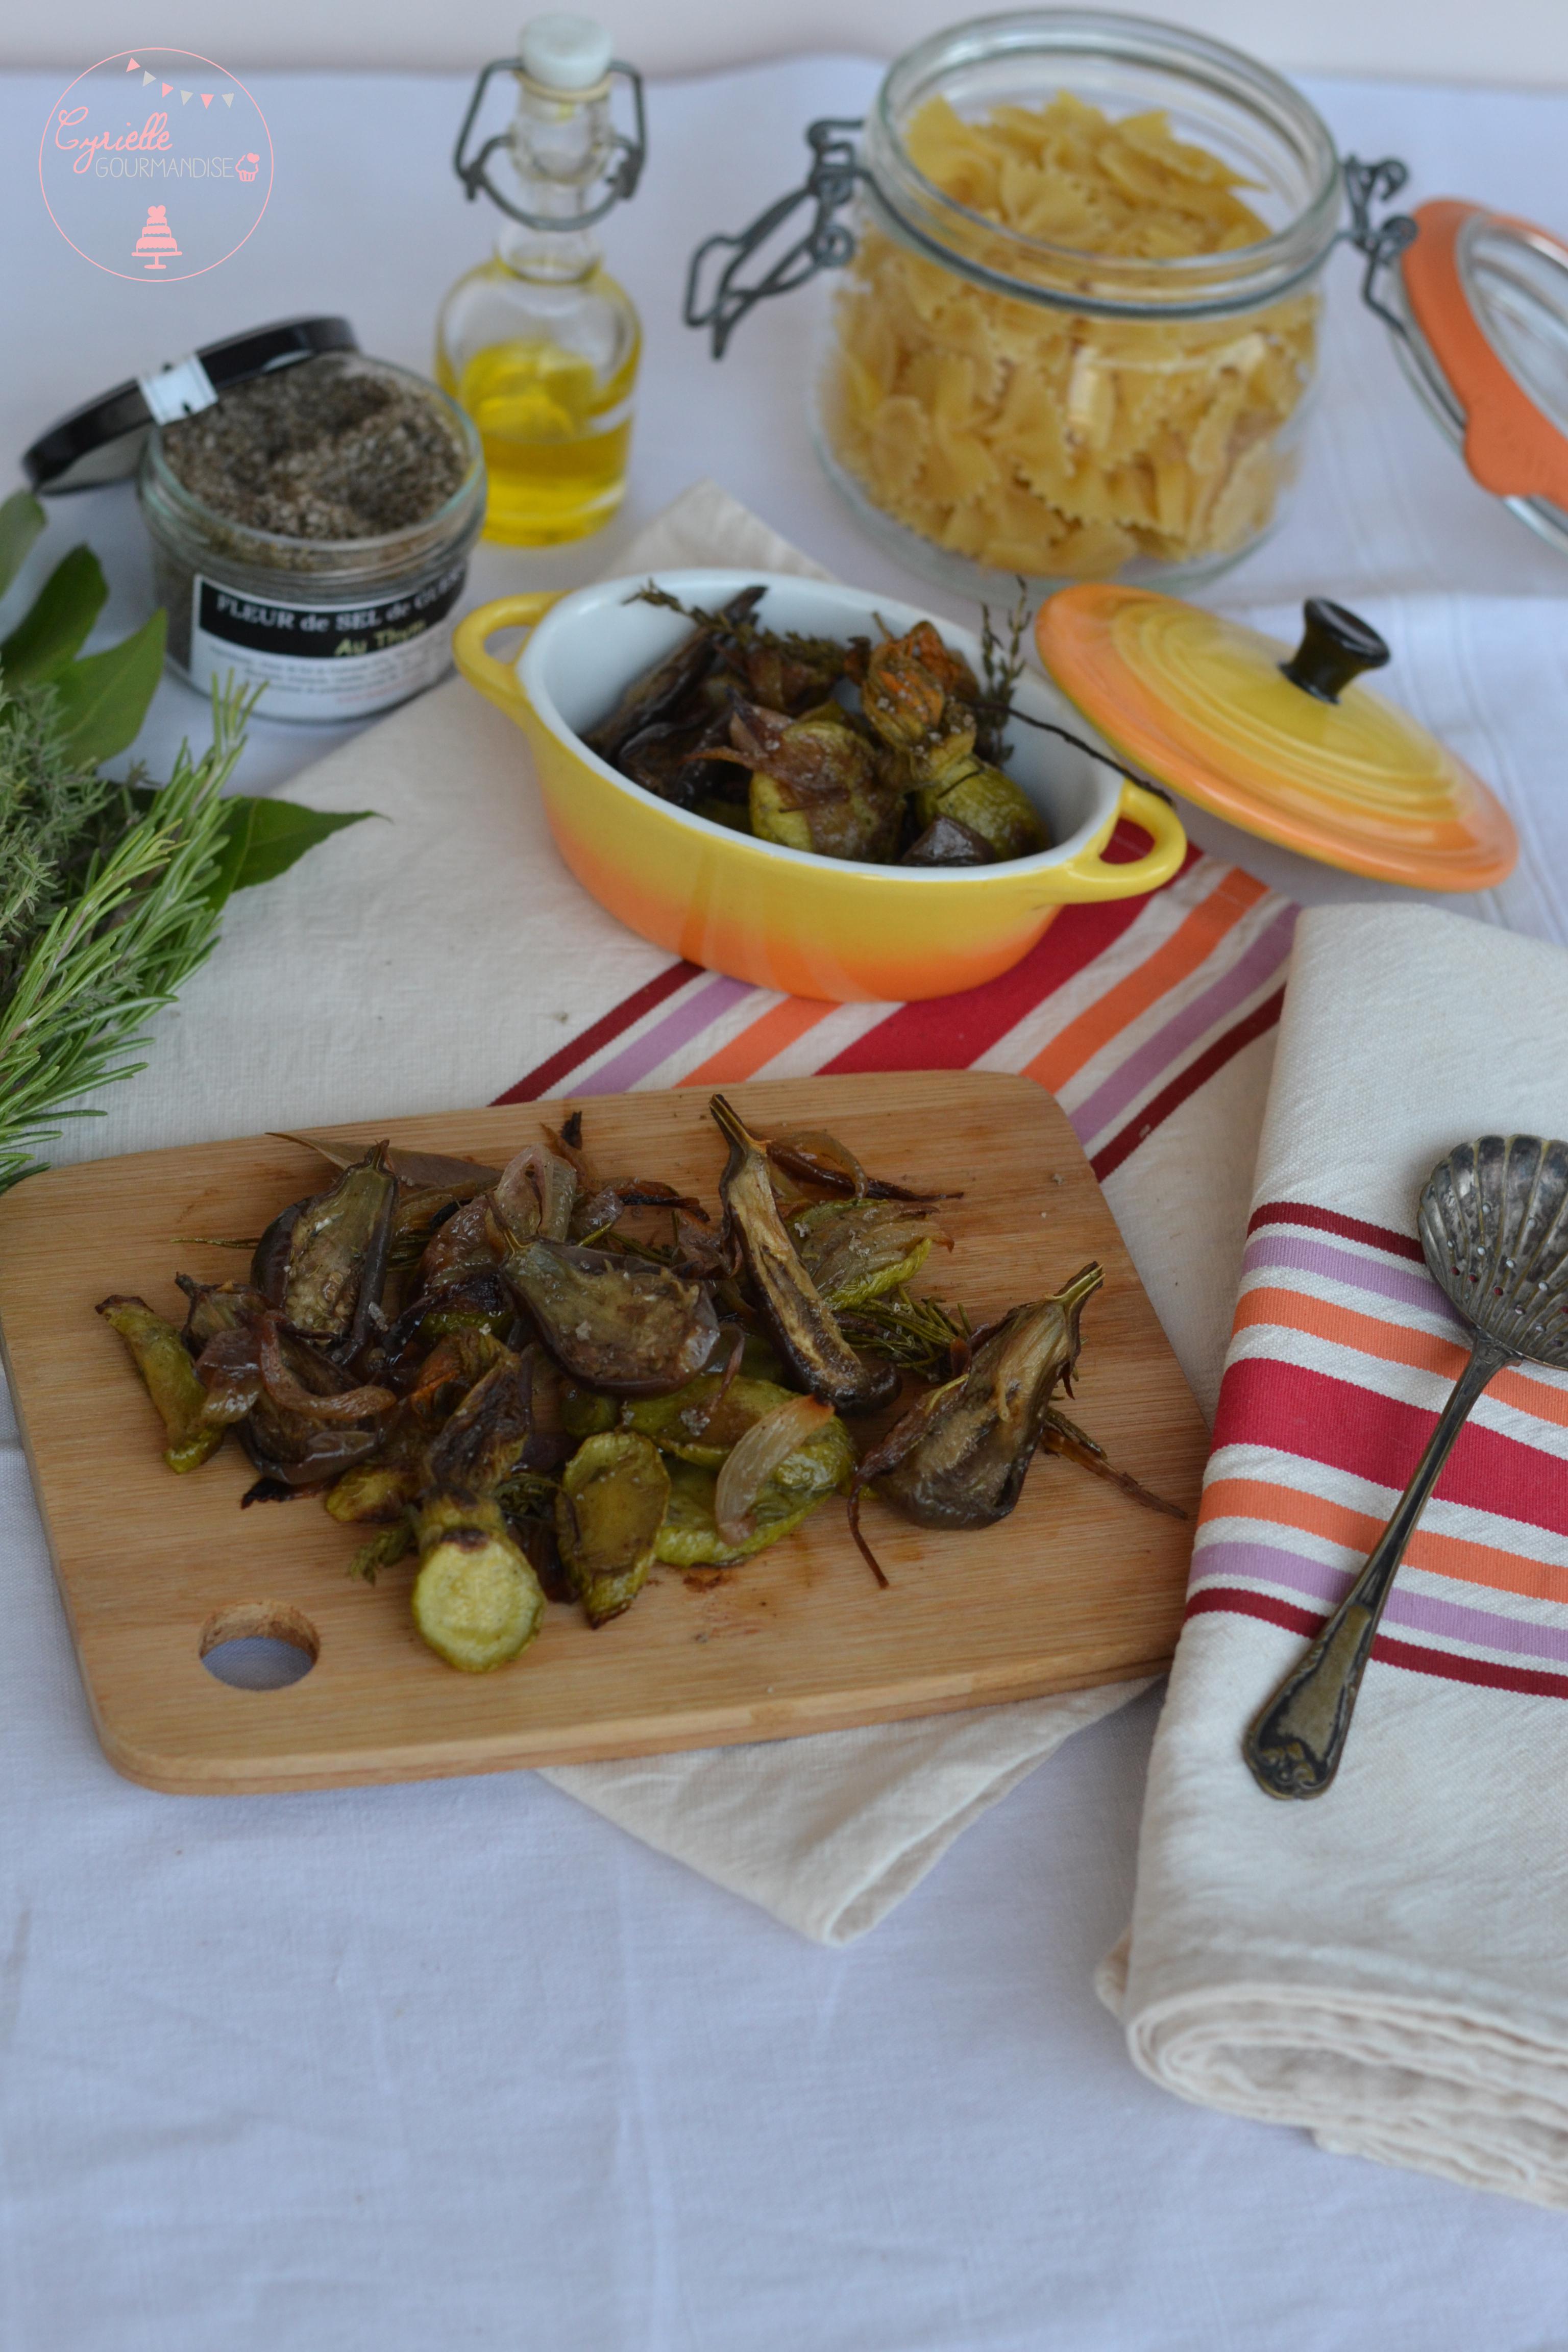 Légumes fleur de sel La Bonne Box 2